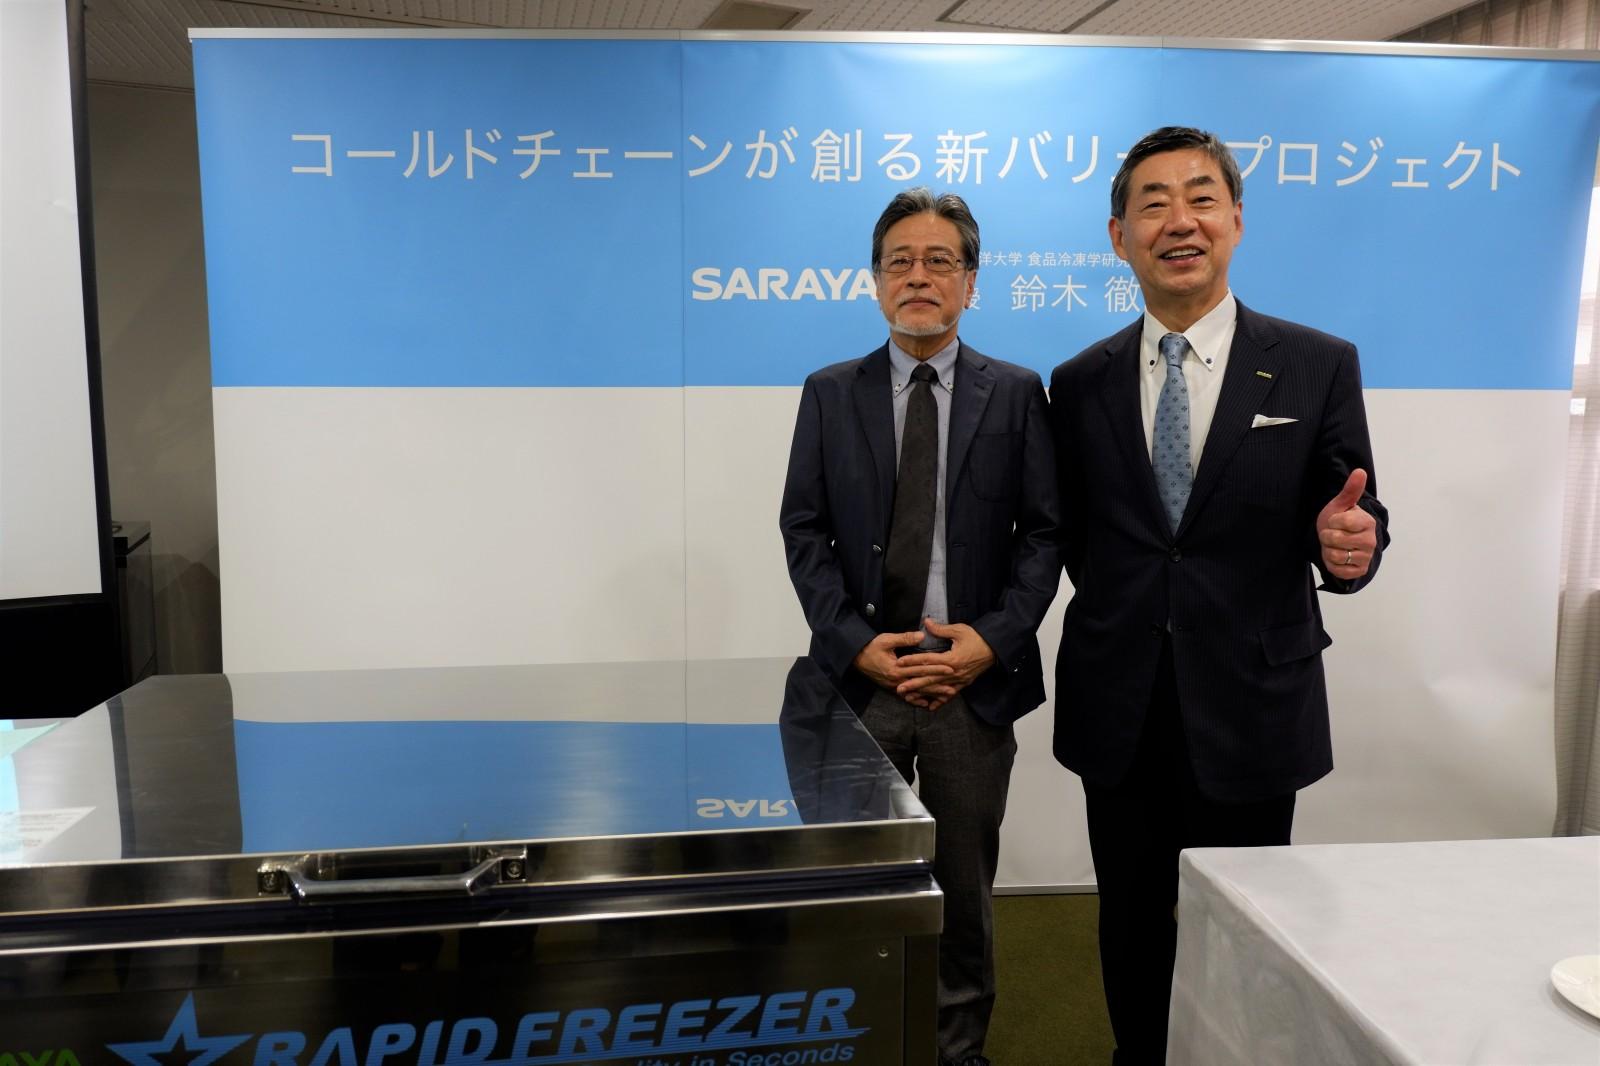 日本各地の食品産業を元気に!食品冷凍学の権威、鈴木徹先生とサラヤがコラボした新プロジェクト始動